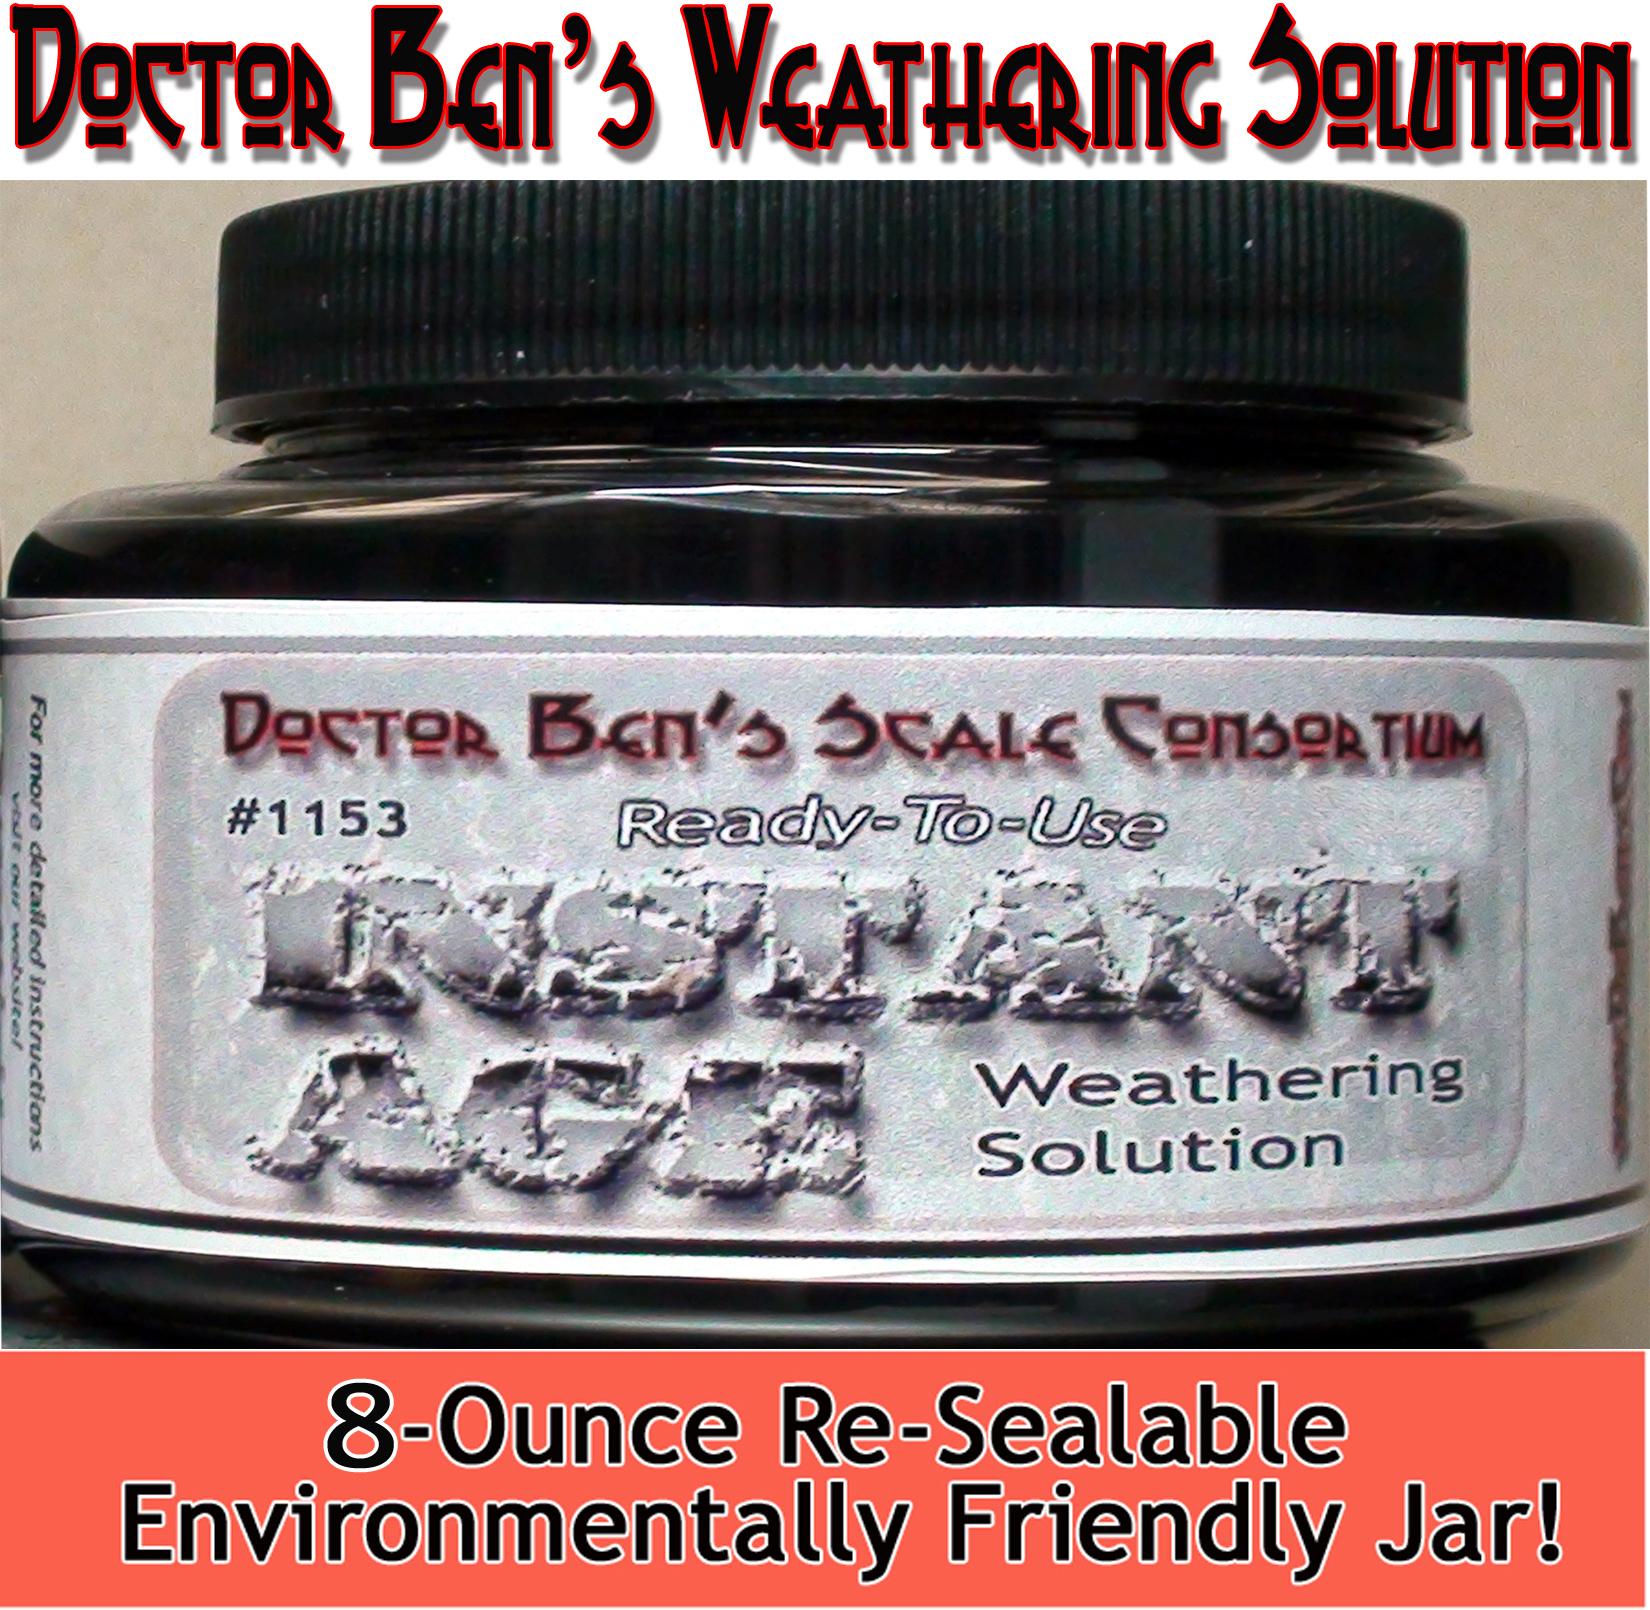 DBZ1153 - Doctor Ben's Weathering Solution